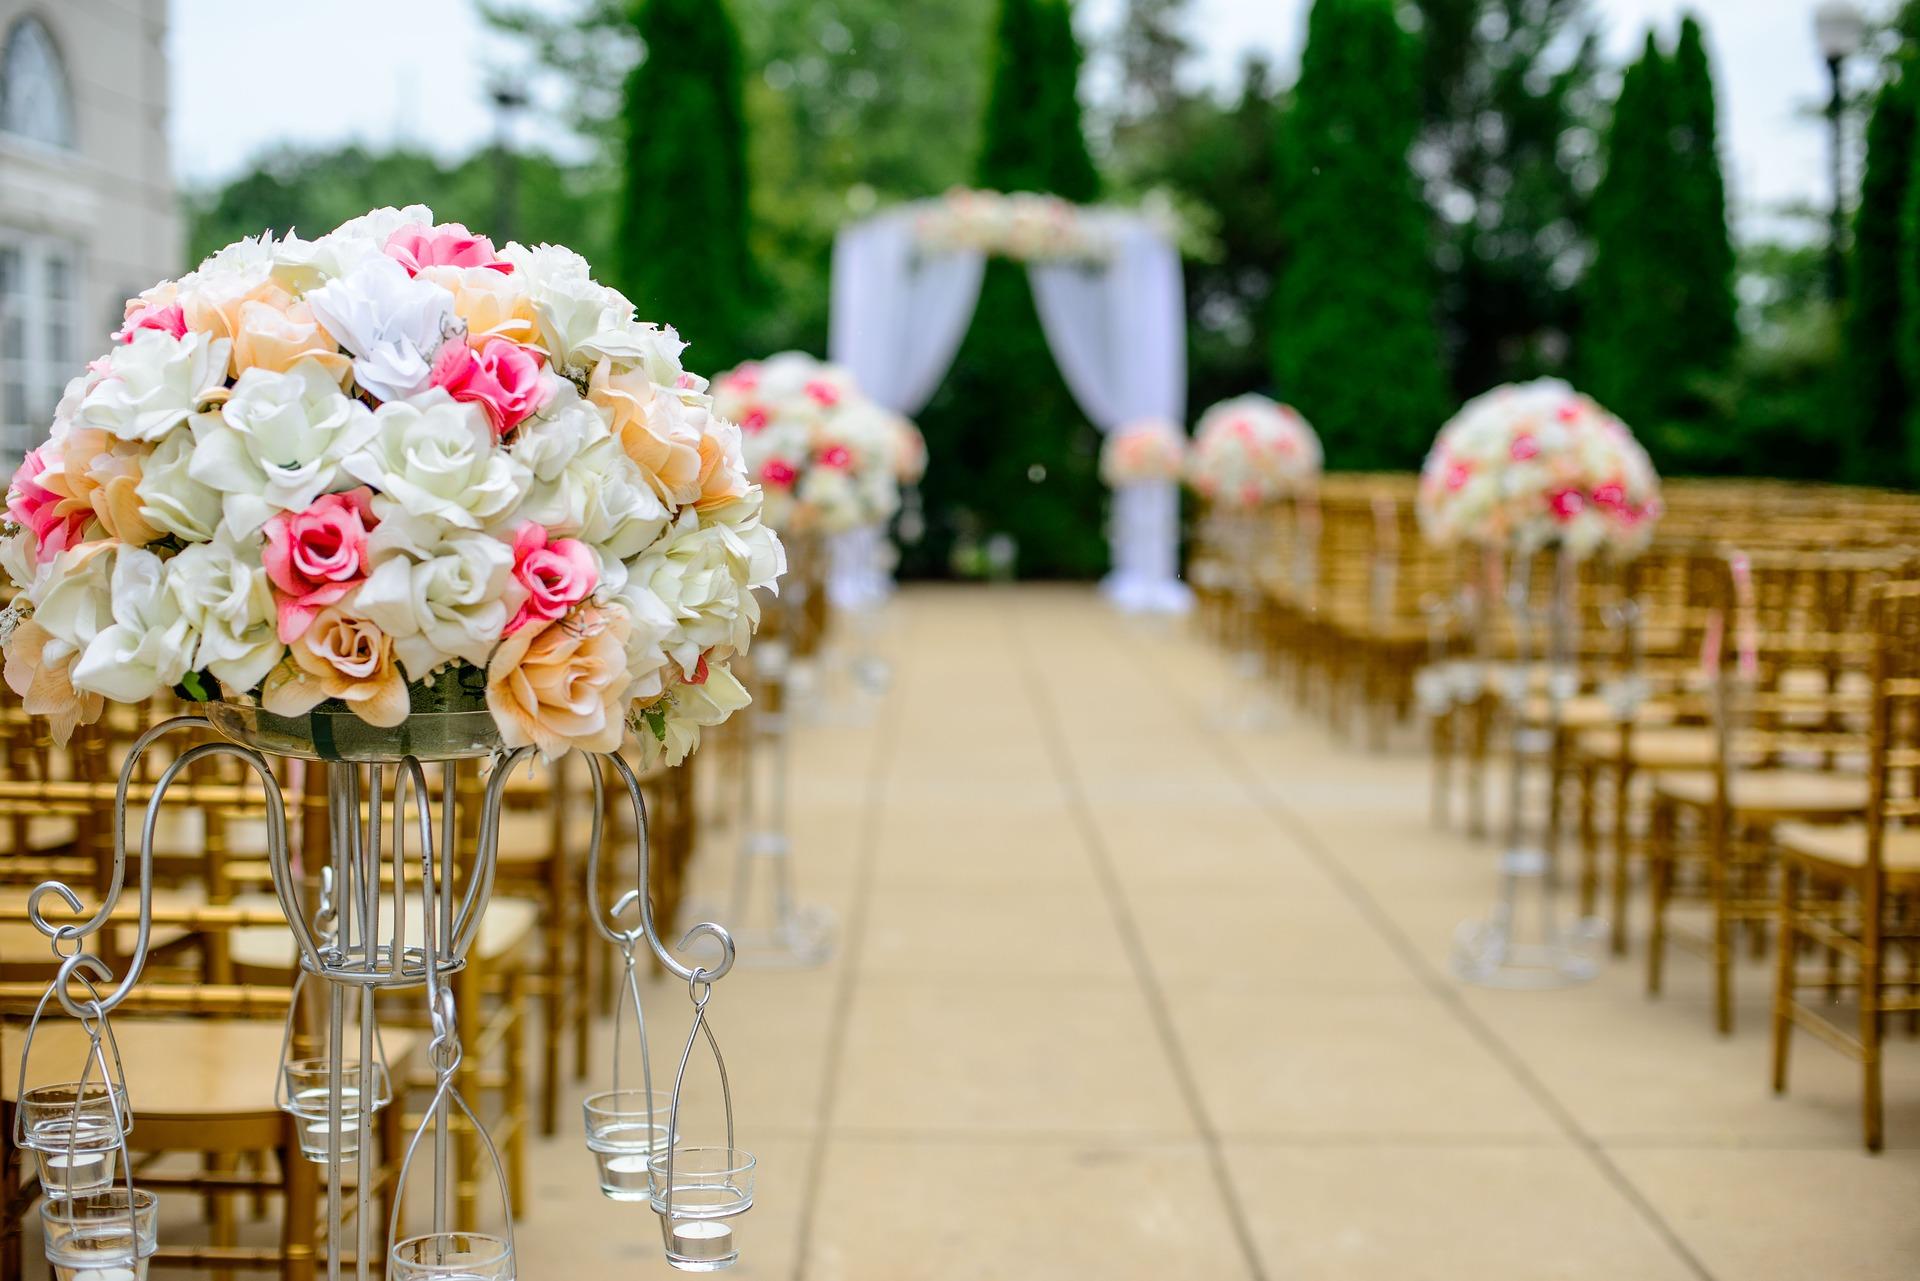 Udane wesele w trzech krokach – zaplanuj najważniejszy dzień swojego życia!